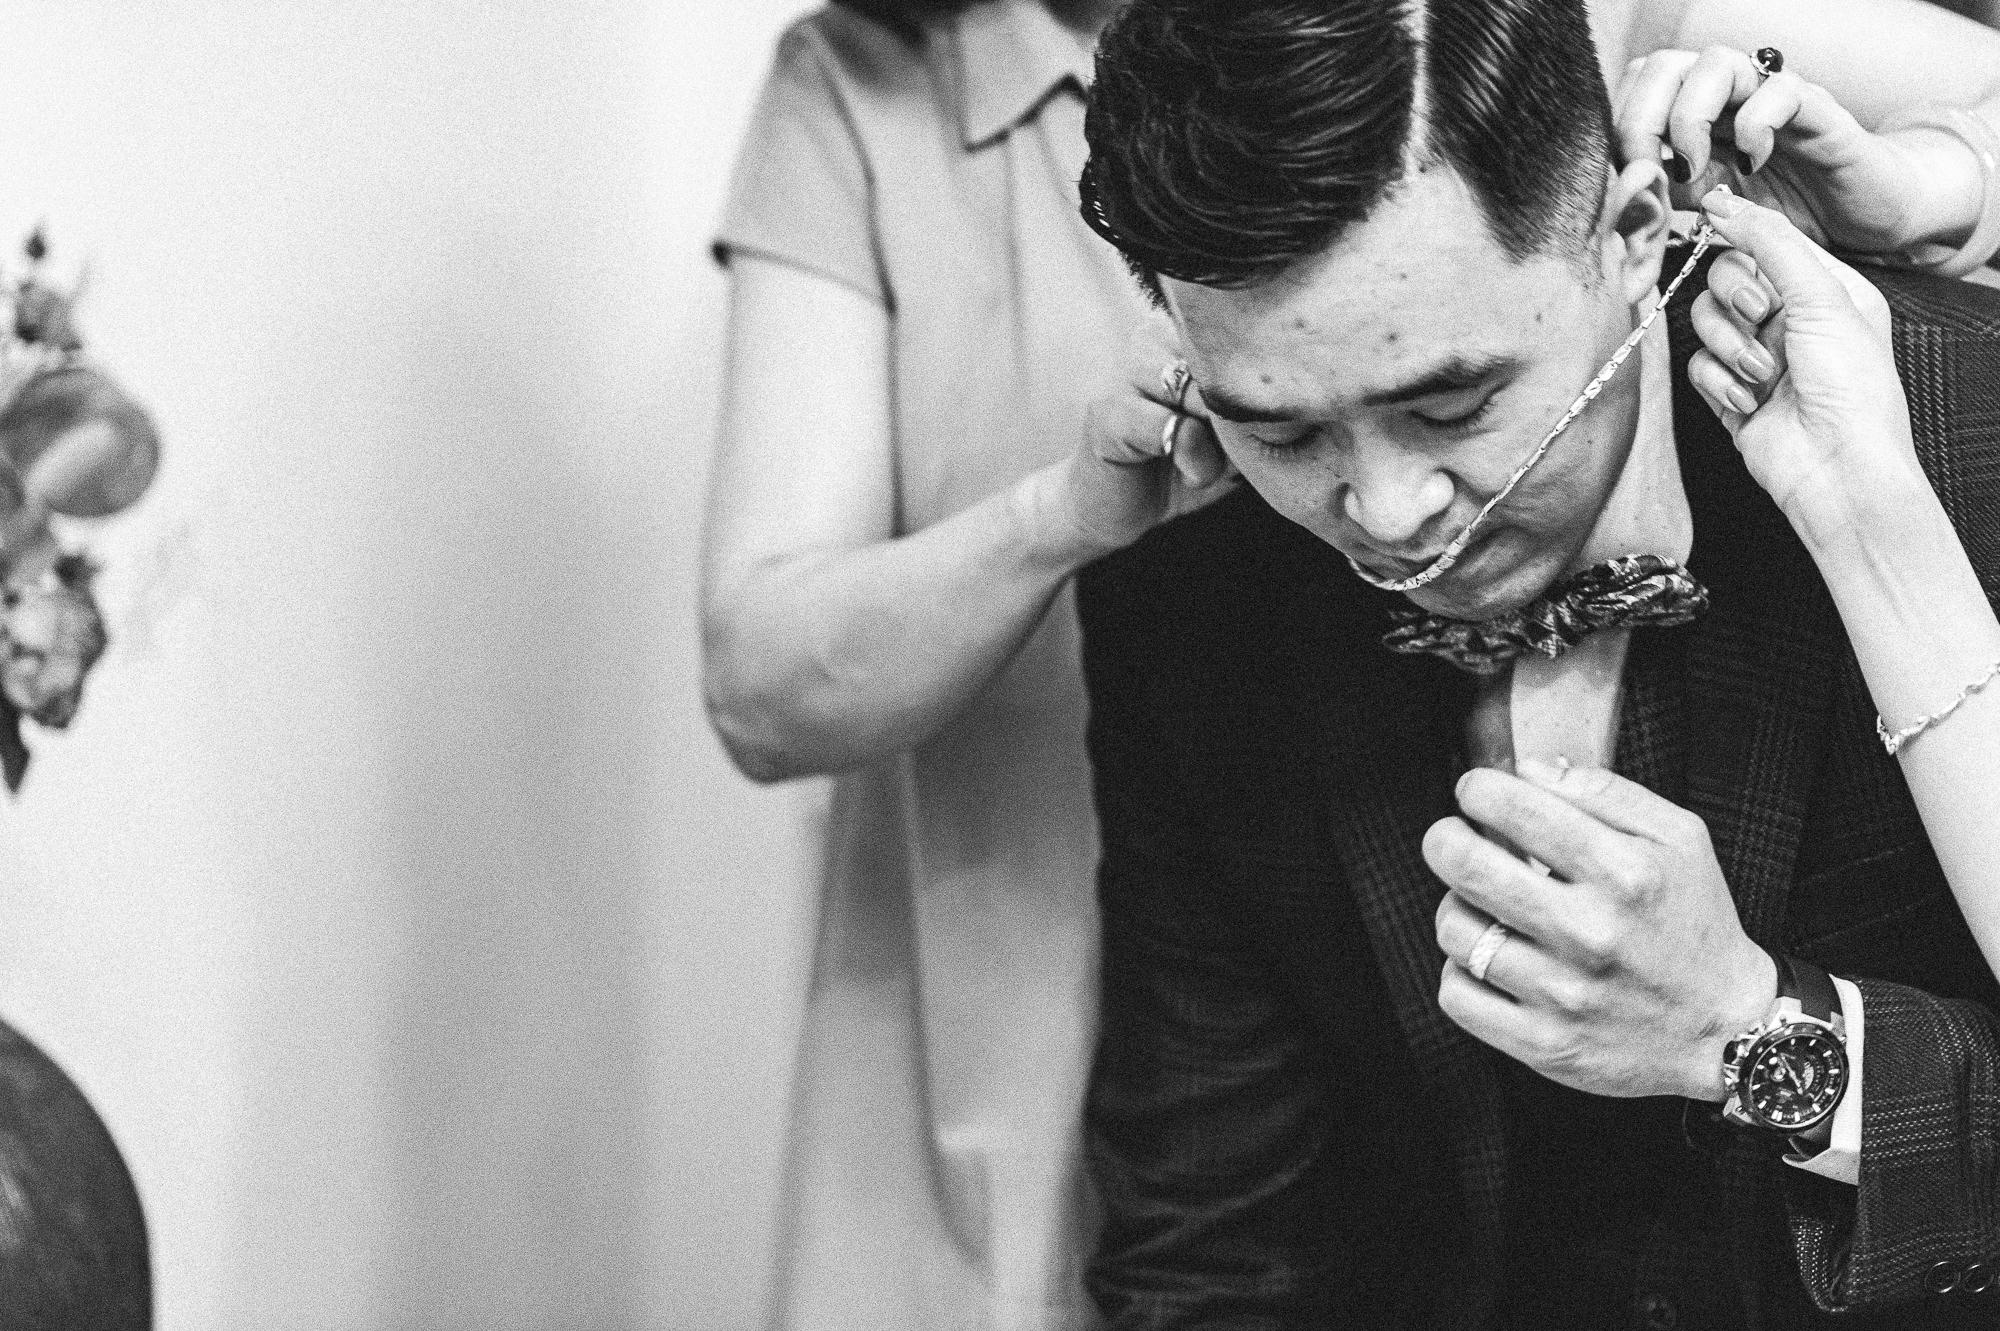 婚禮紀錄,婚攝,婚禮攝影,北部婚攝,婚紗,包套,新秘,喬克,桃園,花田盛事,雙機攝影,平面攝影,類婚紗,黑白,影像,文定儀式,奉茶